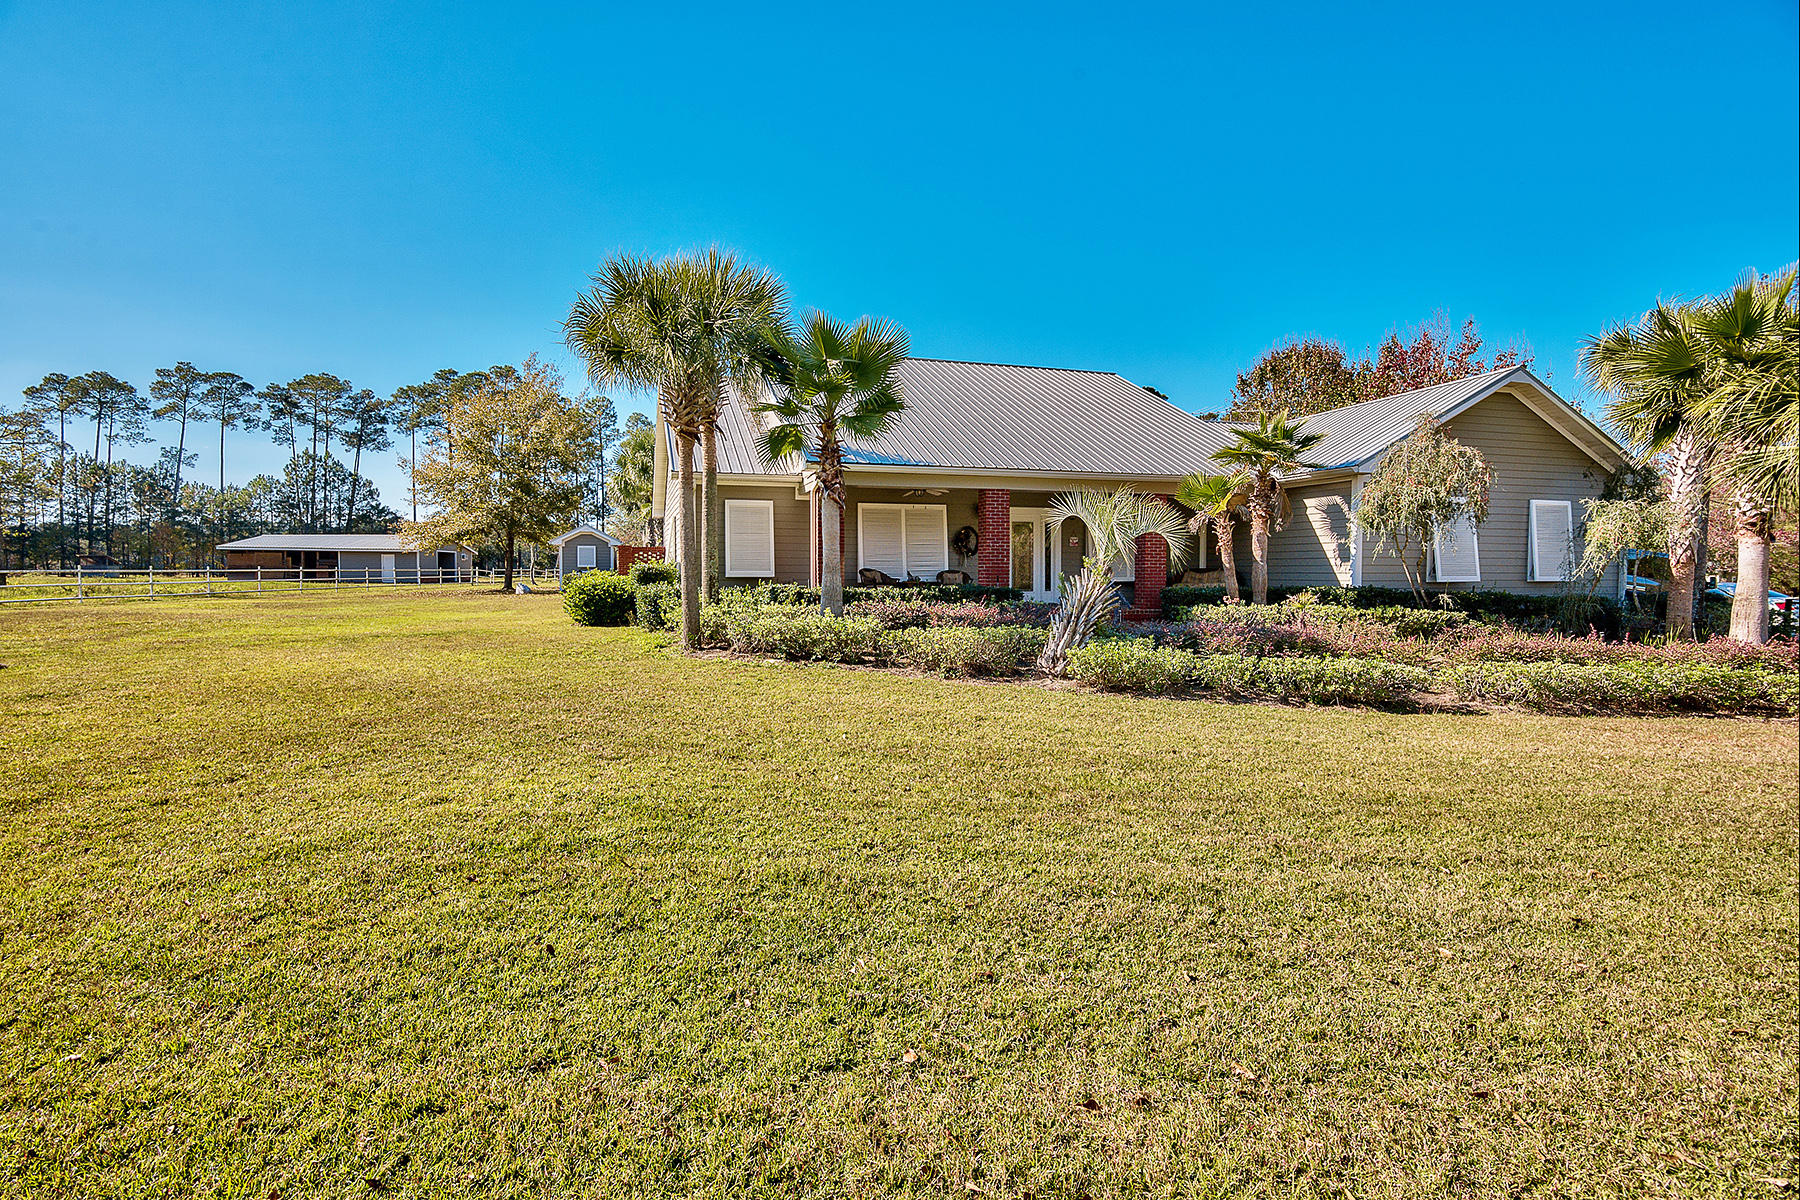 Fazenda / Rancho / Plantação para Venda às EQUESTRIAN ESTATE WITH WATERFRONT ACCESS 356 Whitfield Rd Freeport, Florida, 32439 Estados Unidos